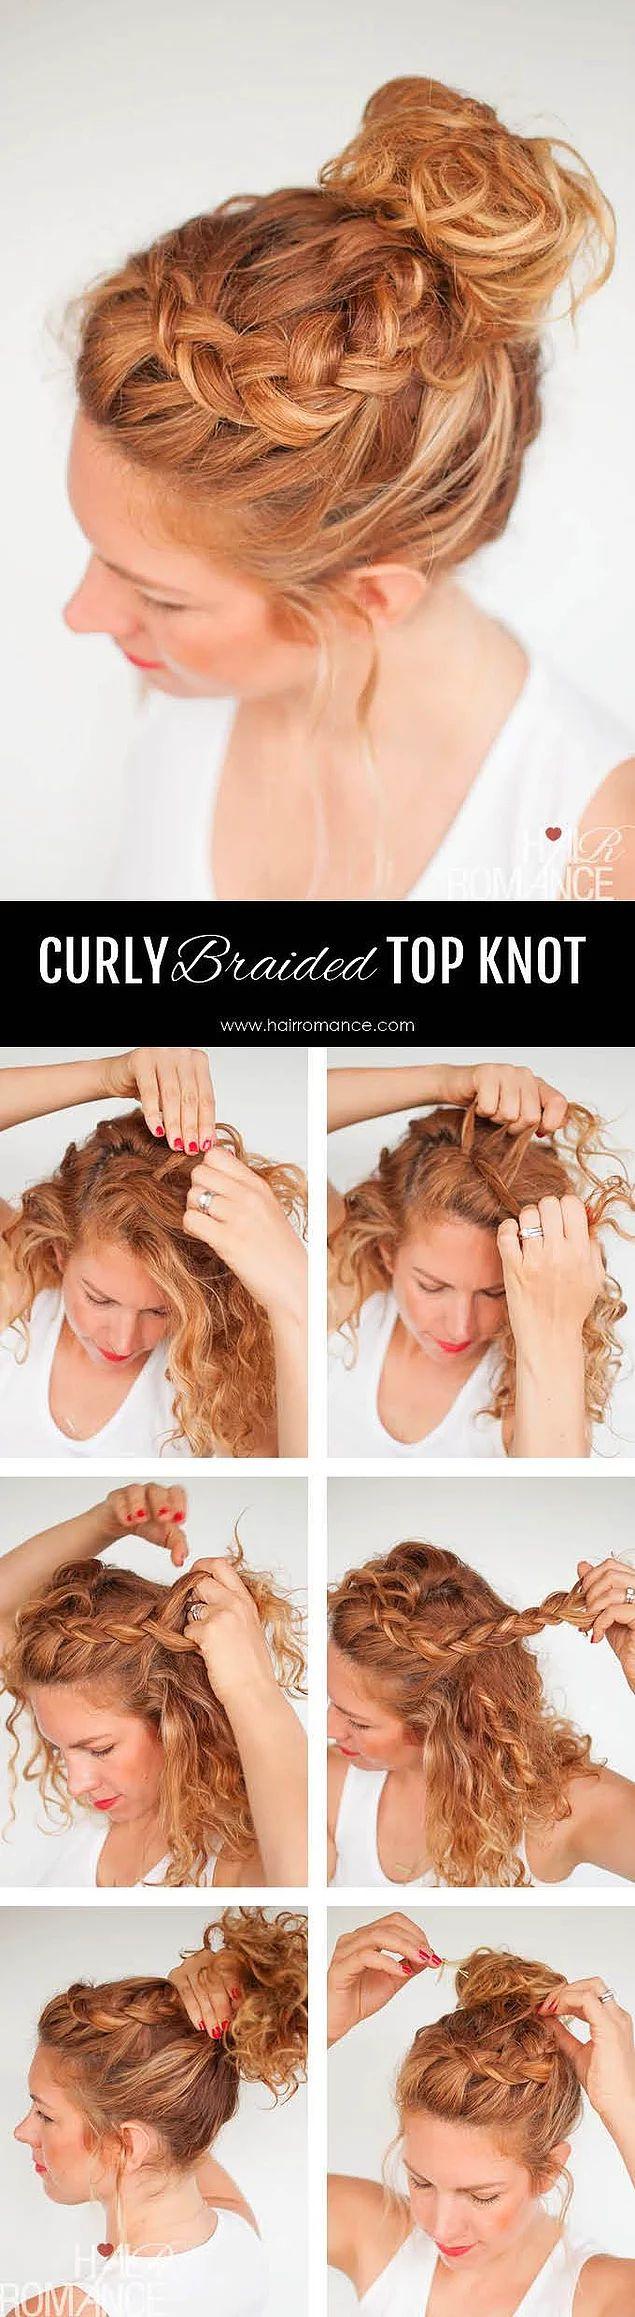 Sıcak yaz günlerinde hem stil hem kullanışlı bir model olan bu topuzu yapmak için,önden ayırdığınız saçınızın bir tarafını arkaya doğru örün; ardından üst tarafta, tüm saçınızla birleştirip toplayın.